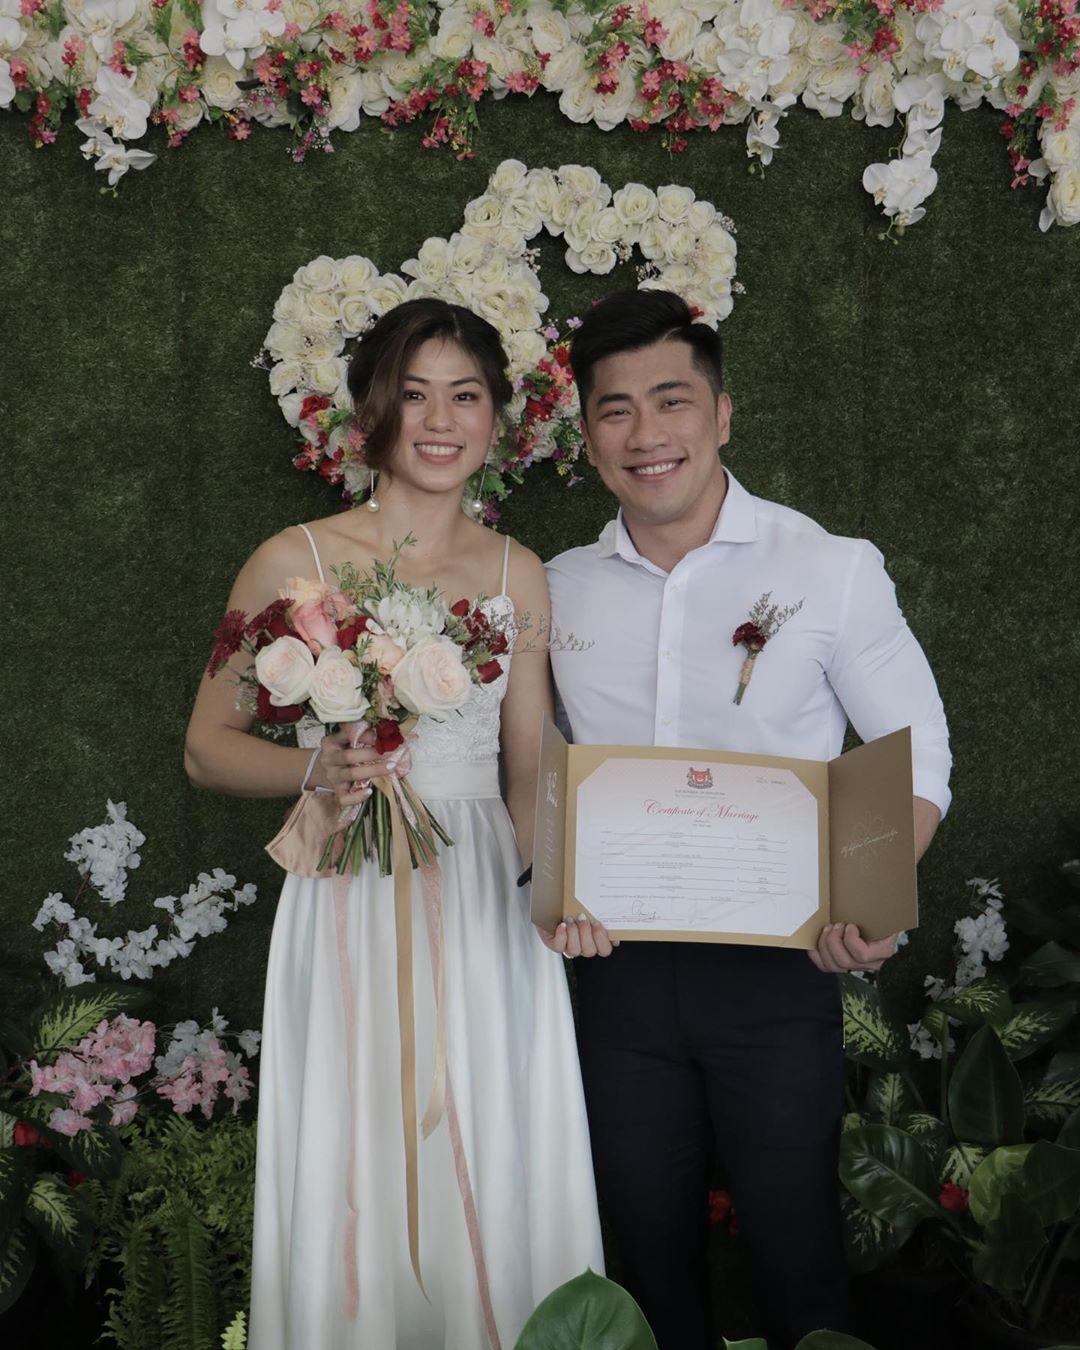 Ilustrasi proses pengesahan dan registrasi pernikahan di Singapura. Instagram @rh_supersaiyan